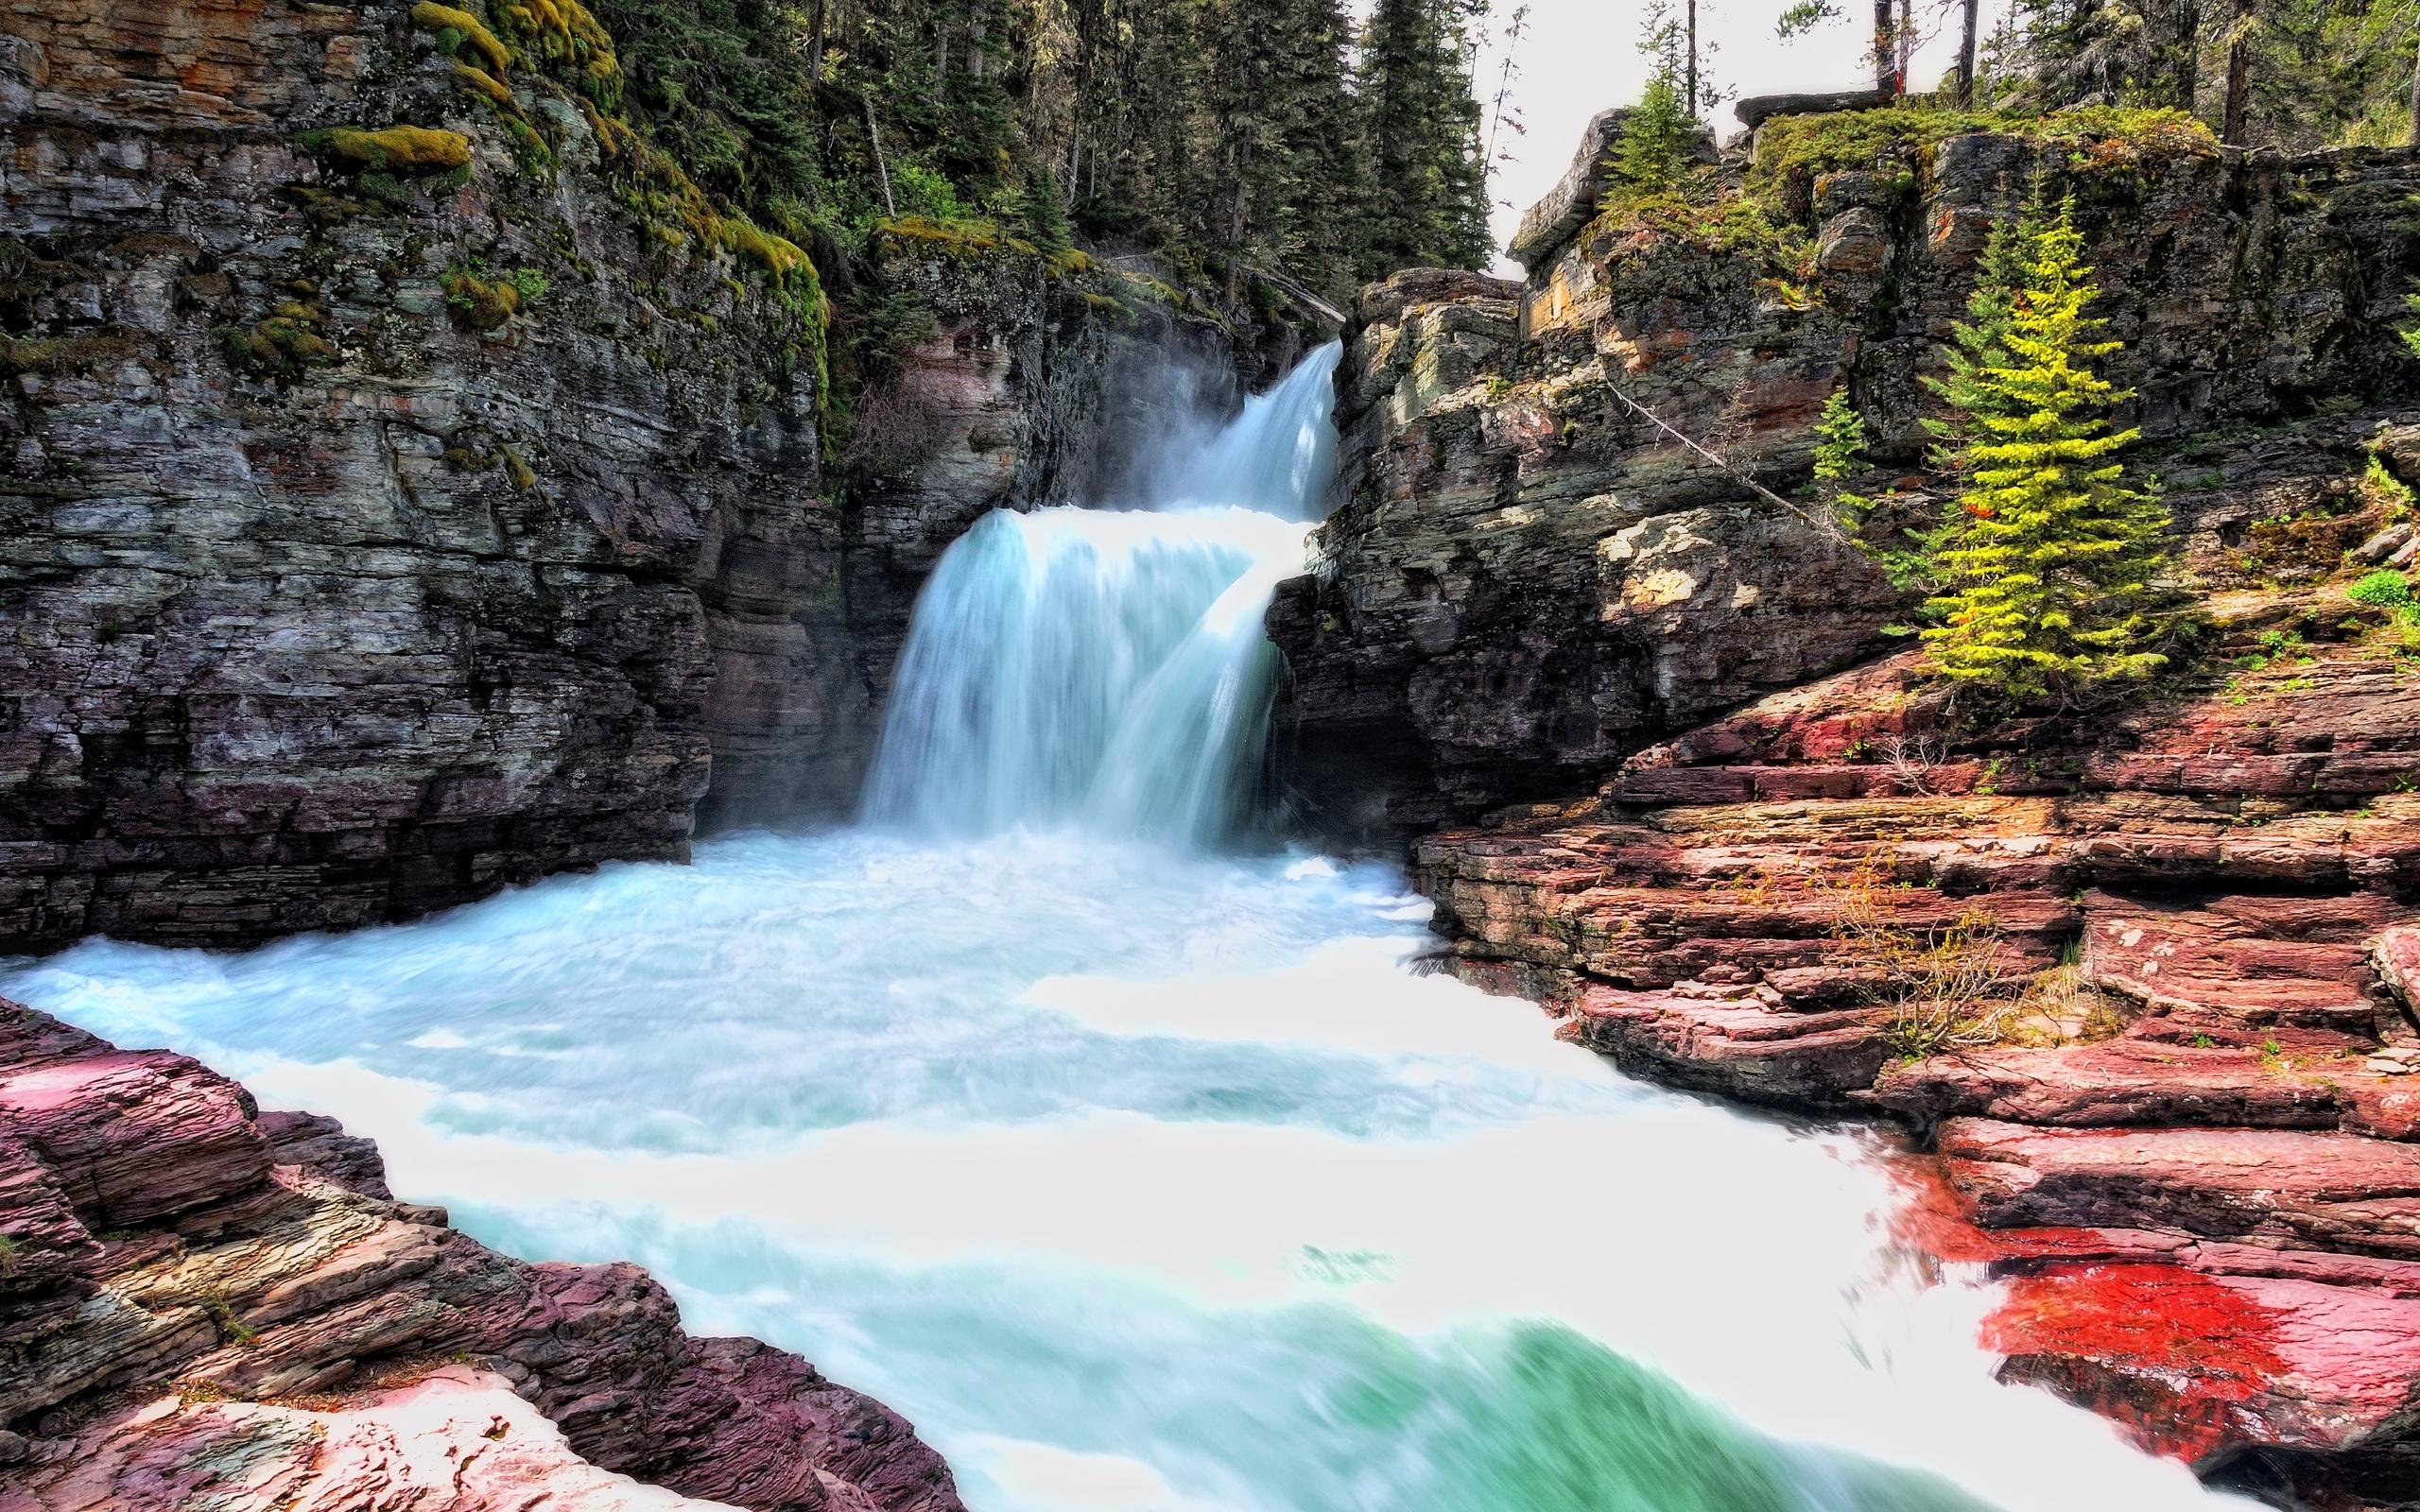 природа скалы водопады река деревья бесплатно